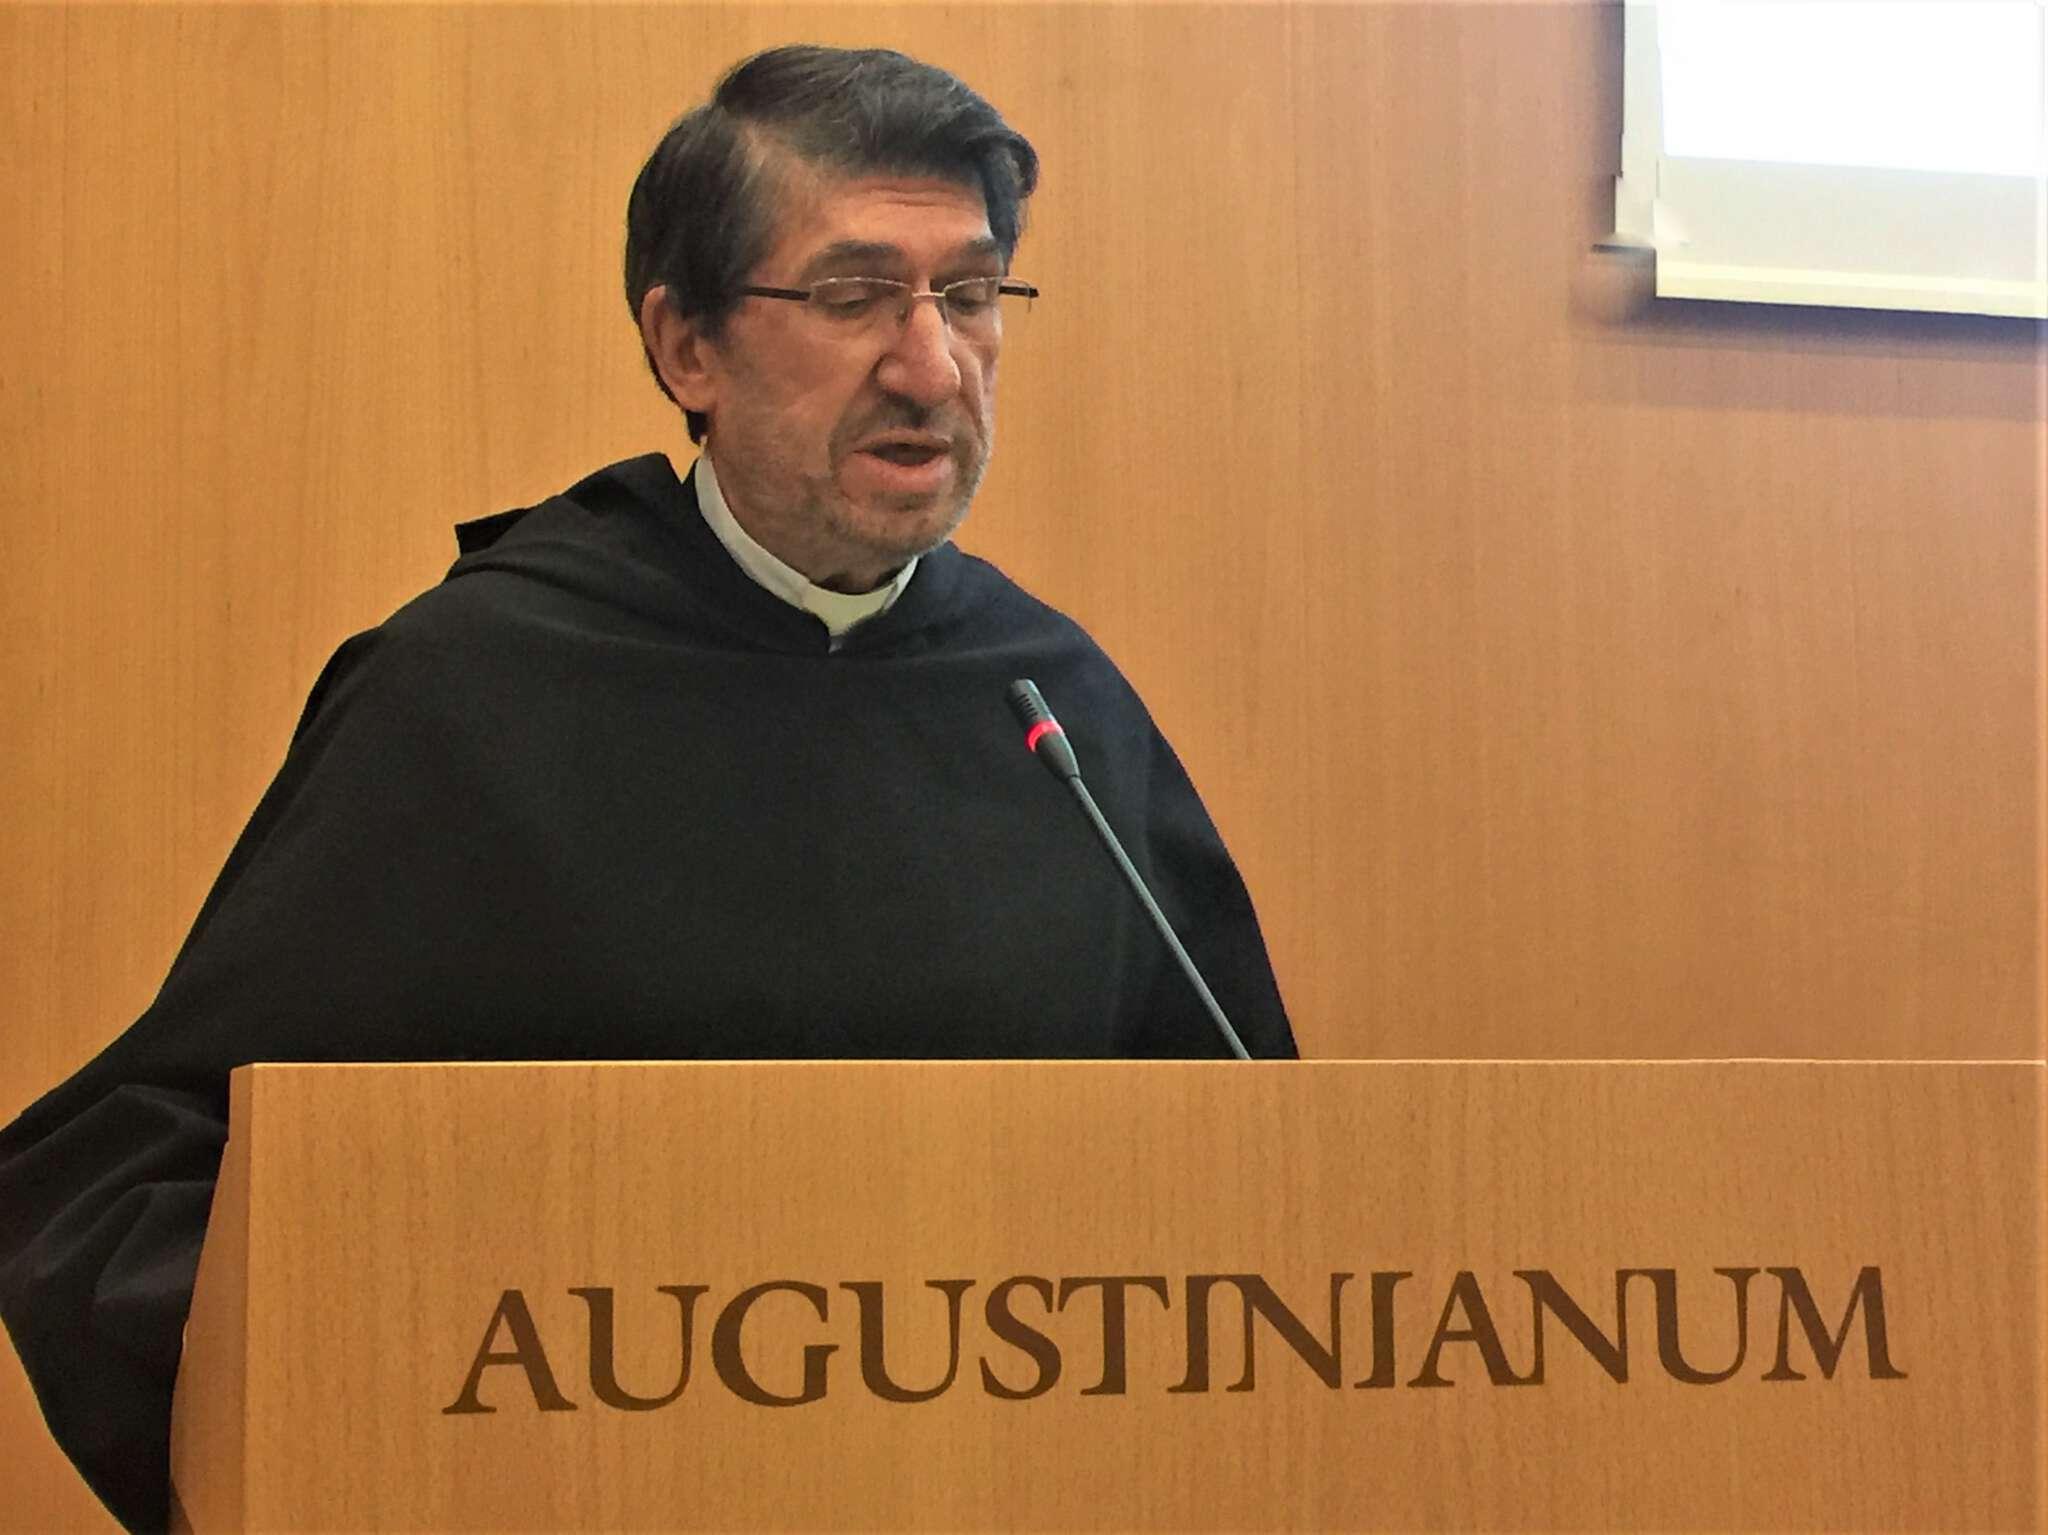 El P. Alejandro Moral Antón, OSA, urge a los religiosos a vivir una renovación profunda para asumir con valentía la novedad que viene del Espíritu.